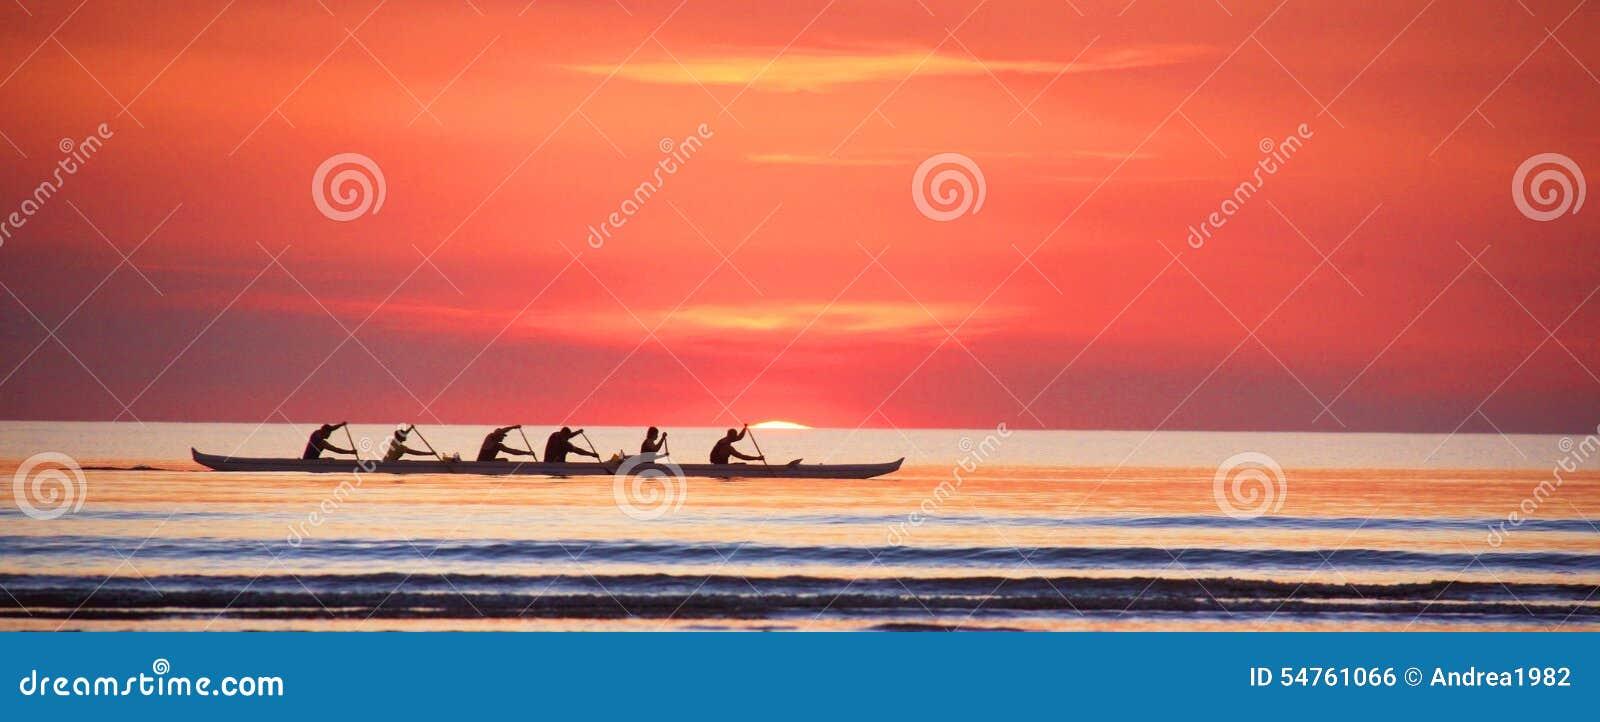 Rudern bei Sonnenuntergang auf dem Indischen Ozean